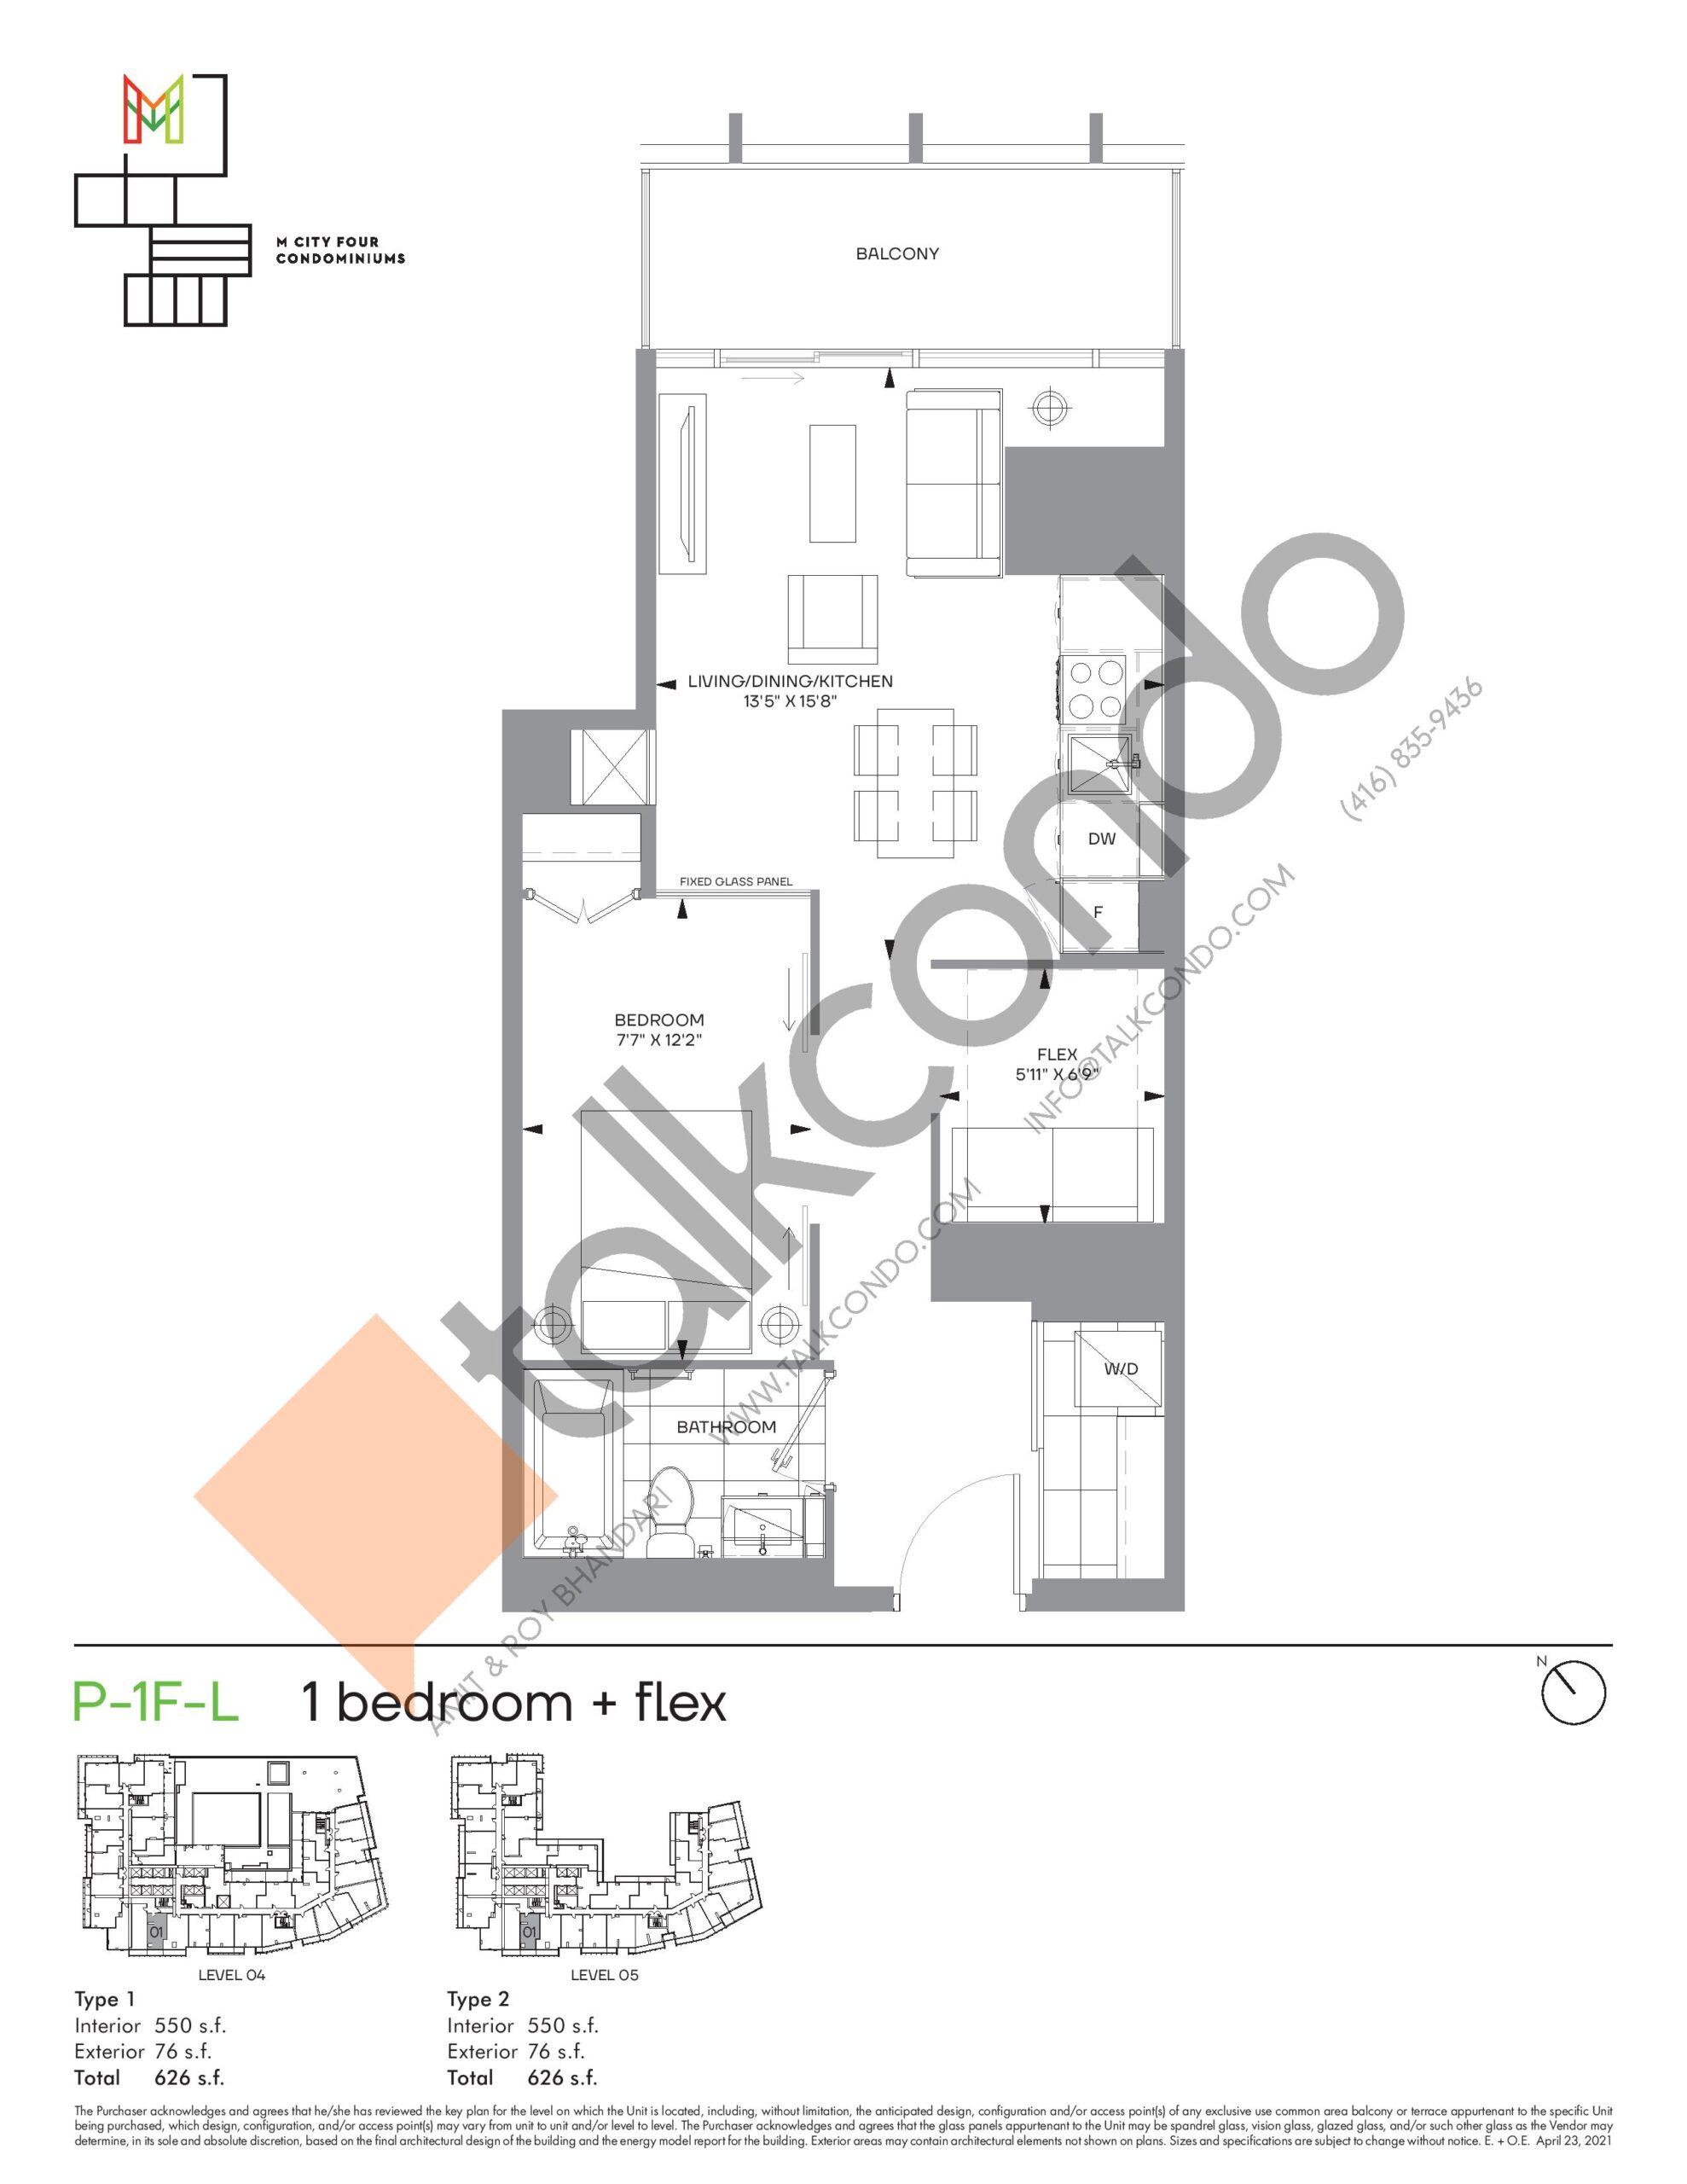 P-1F-L (Podium) Floor Plan at M4 Condos - 550 sq.ft